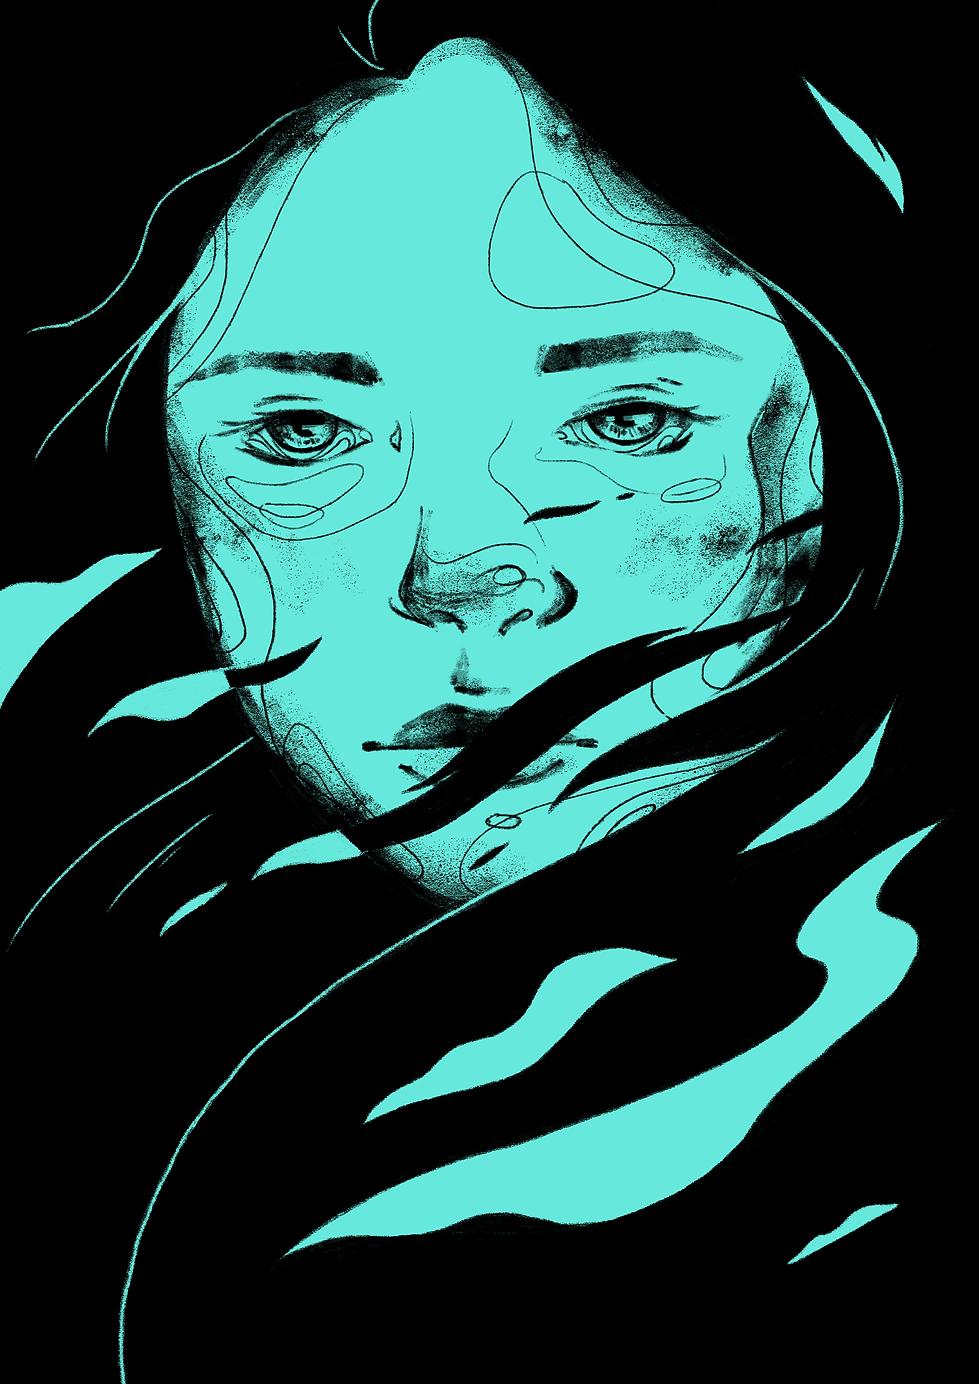 Mood Illustraton